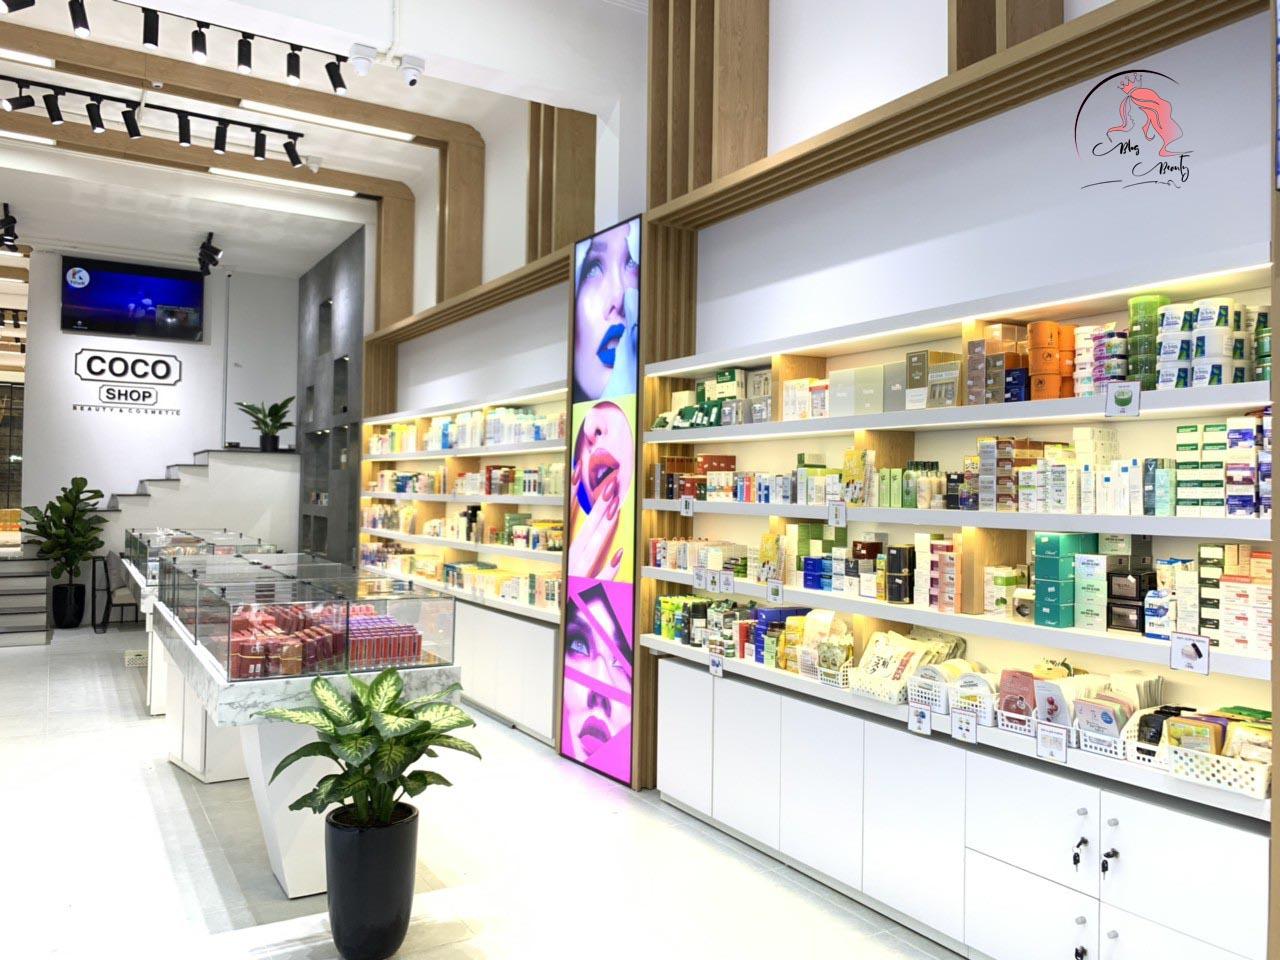 Cửa hàng mỹ phẩm coco Shop